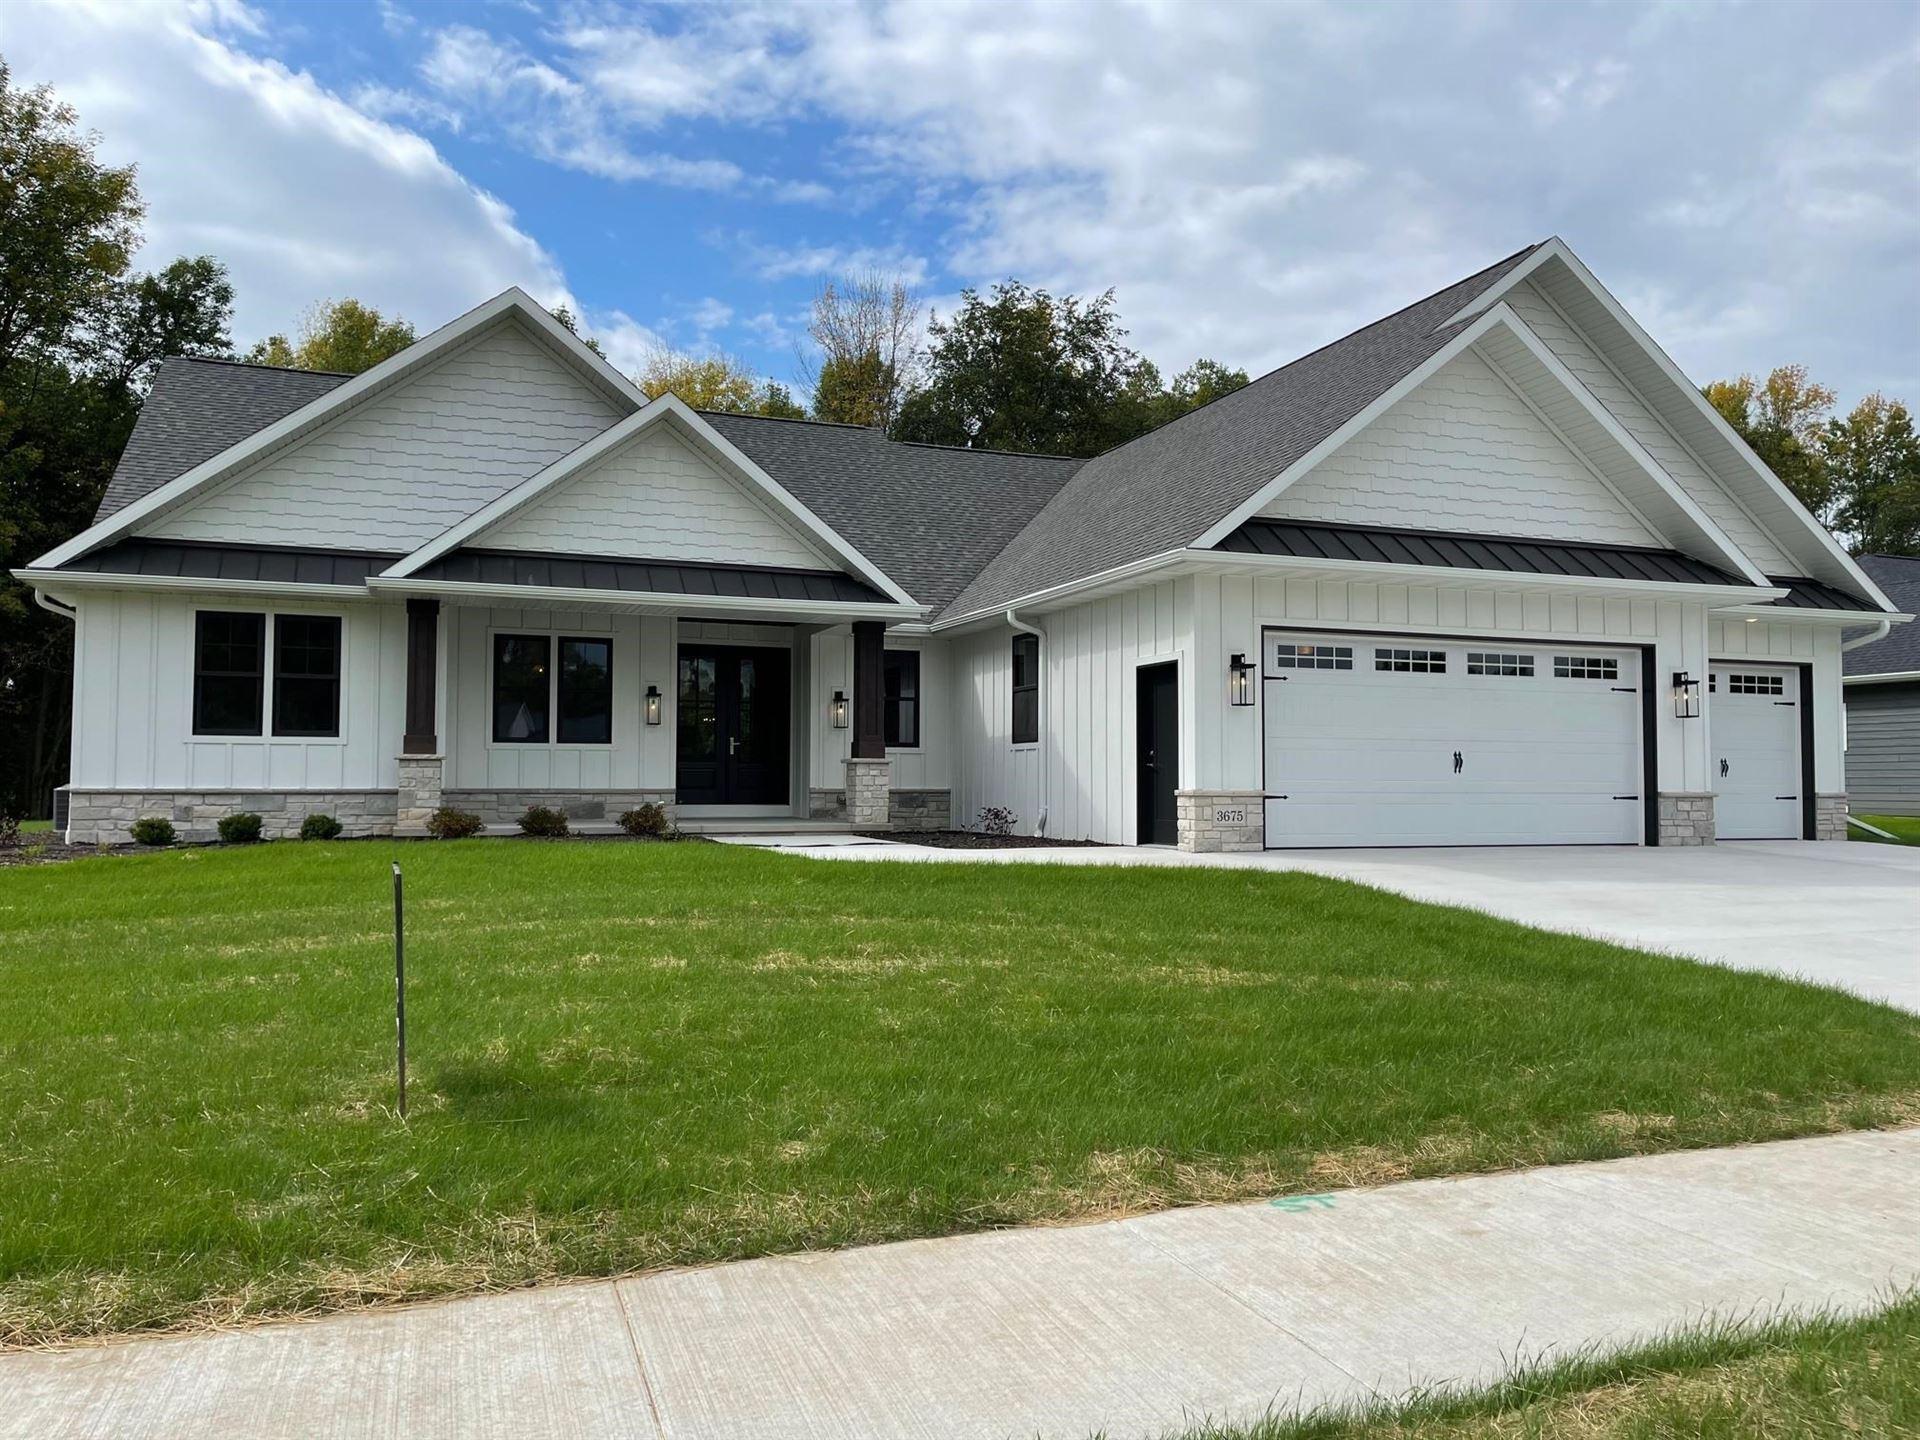 3675 STOCKBURY Street, Green Bay, WI 54313 - MLS#: 50248687